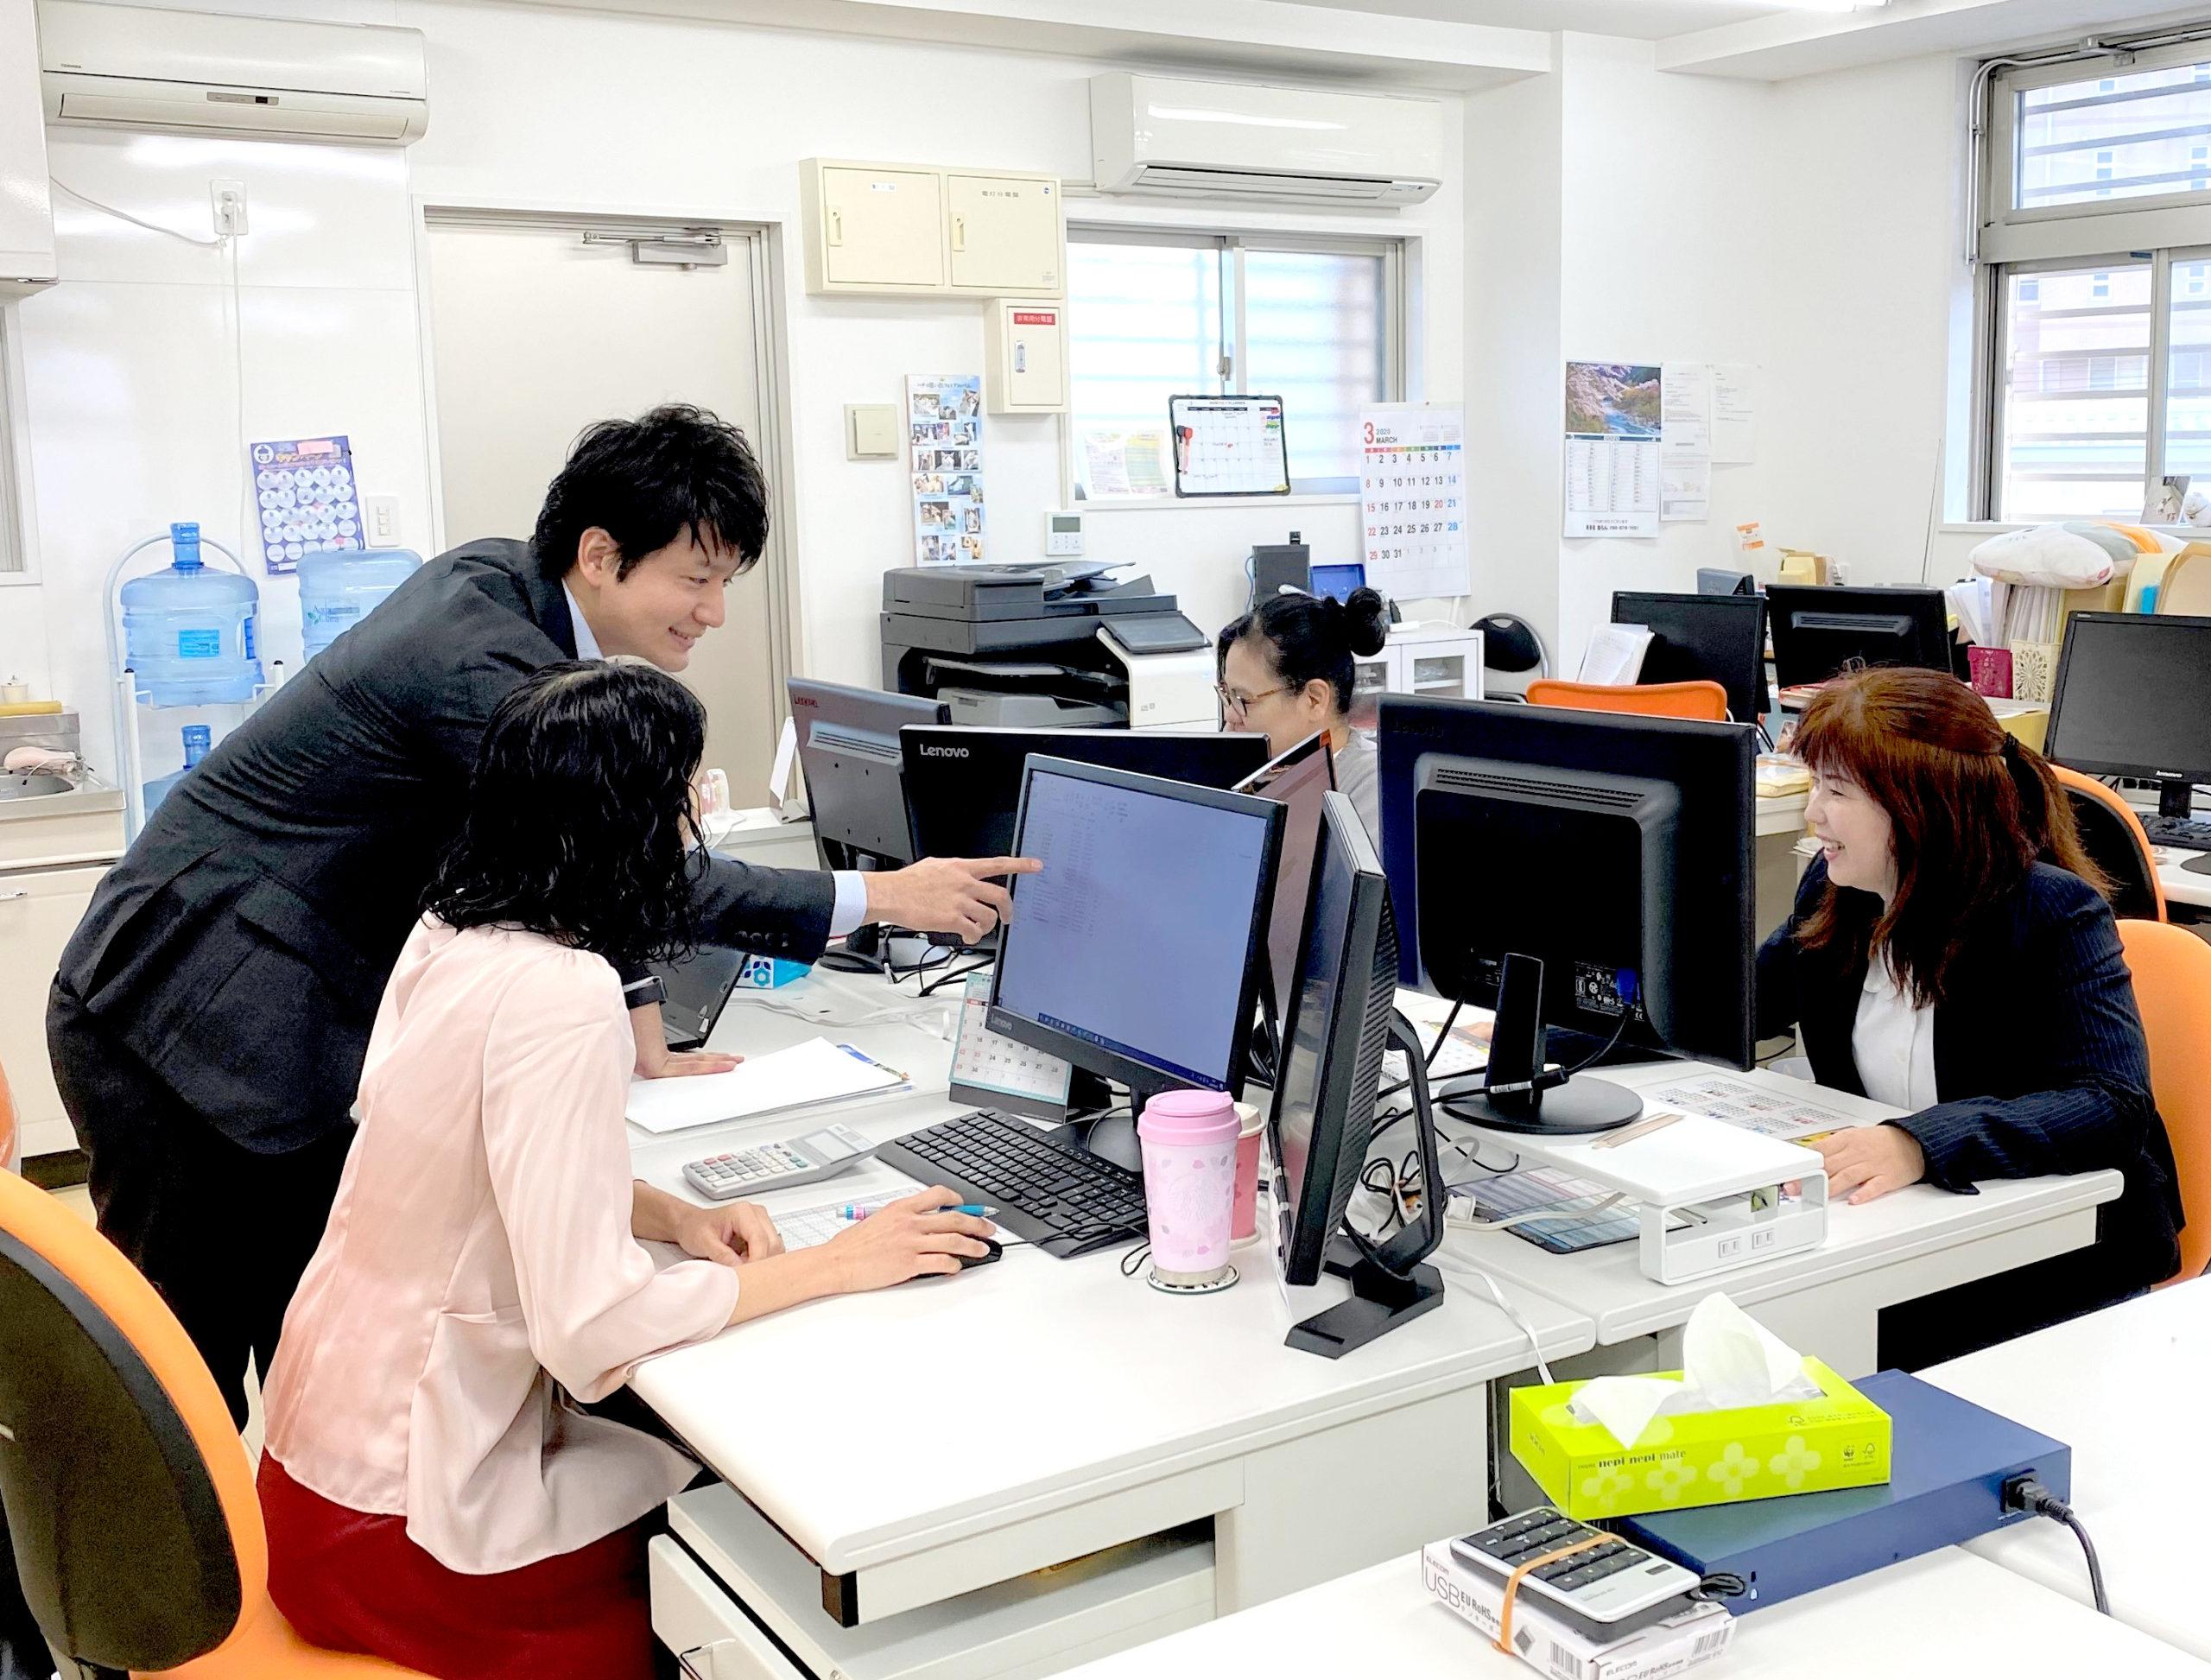 社労士補助業務(給与計算社保手続き等)スタッフ